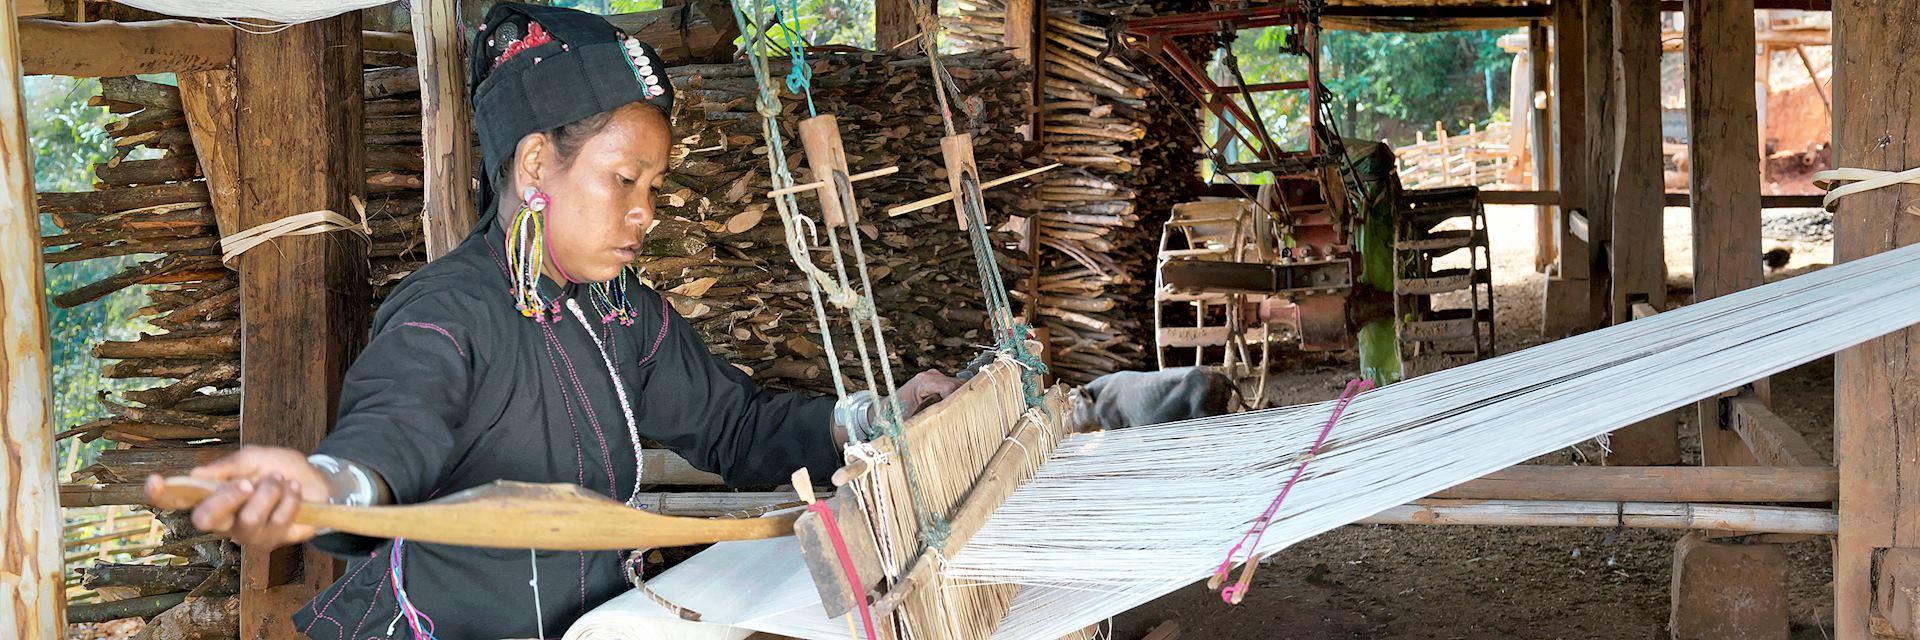 An tribe woman weaving cotton, Myanmar